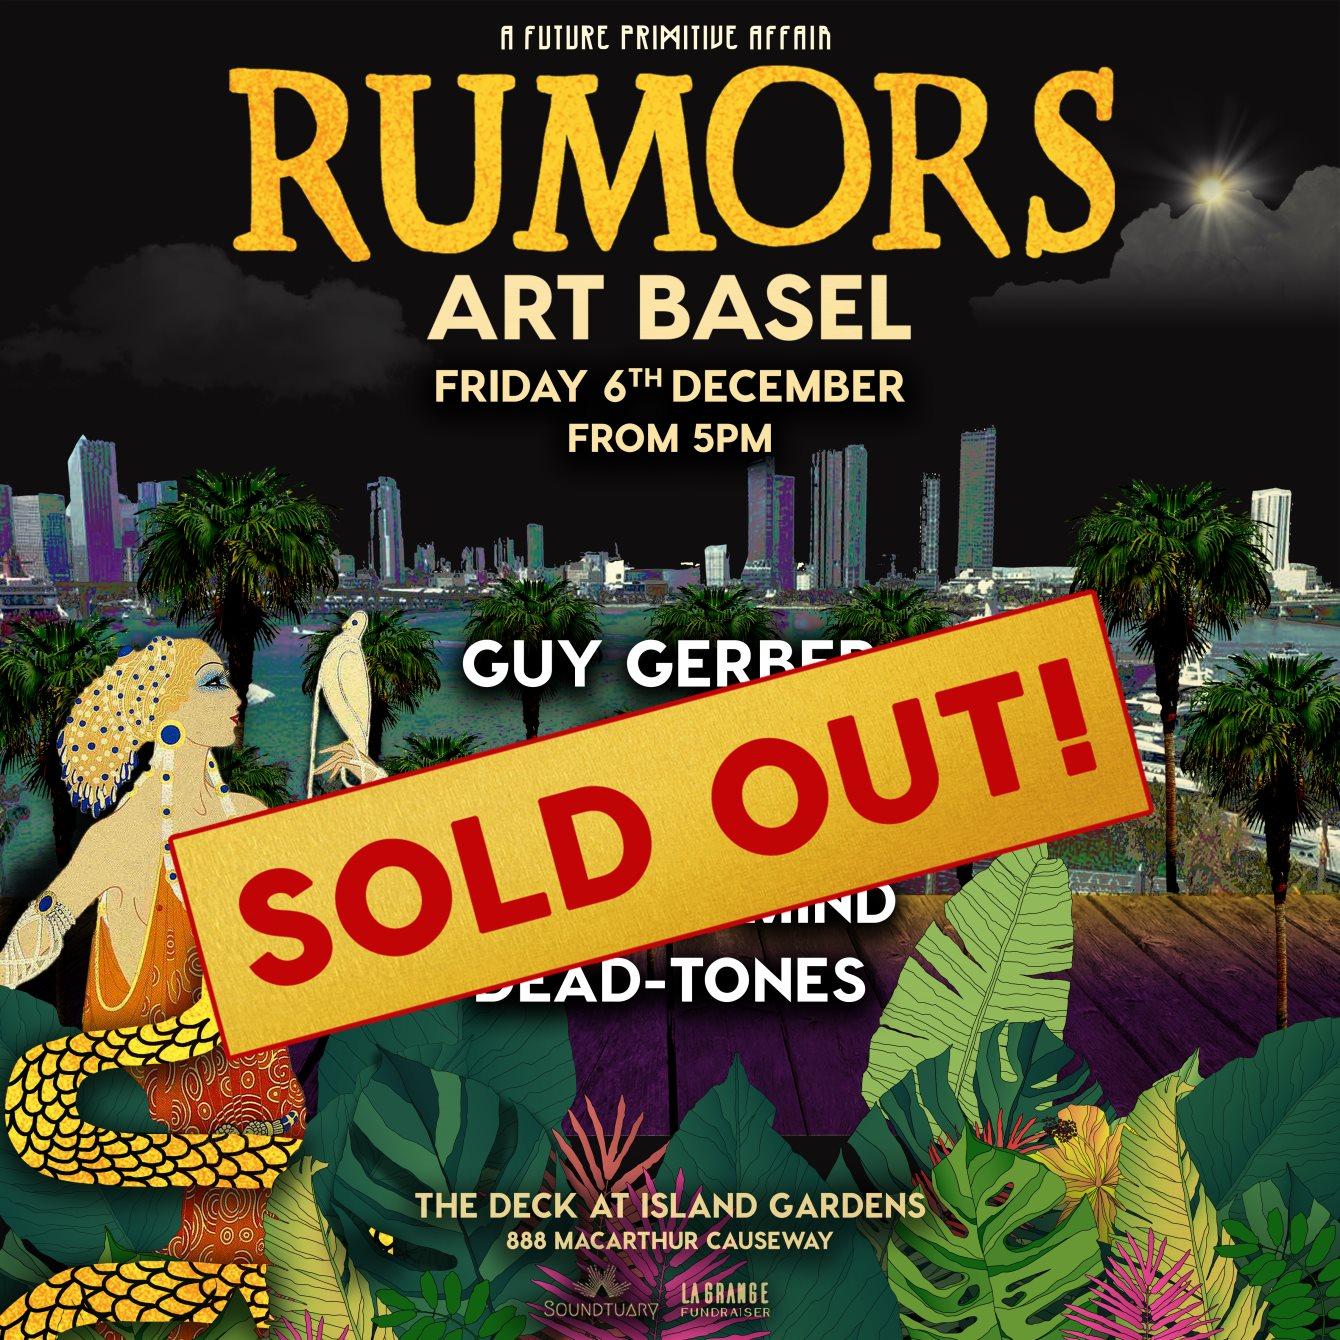 Rumors Art Basel 2019 - Flyer front